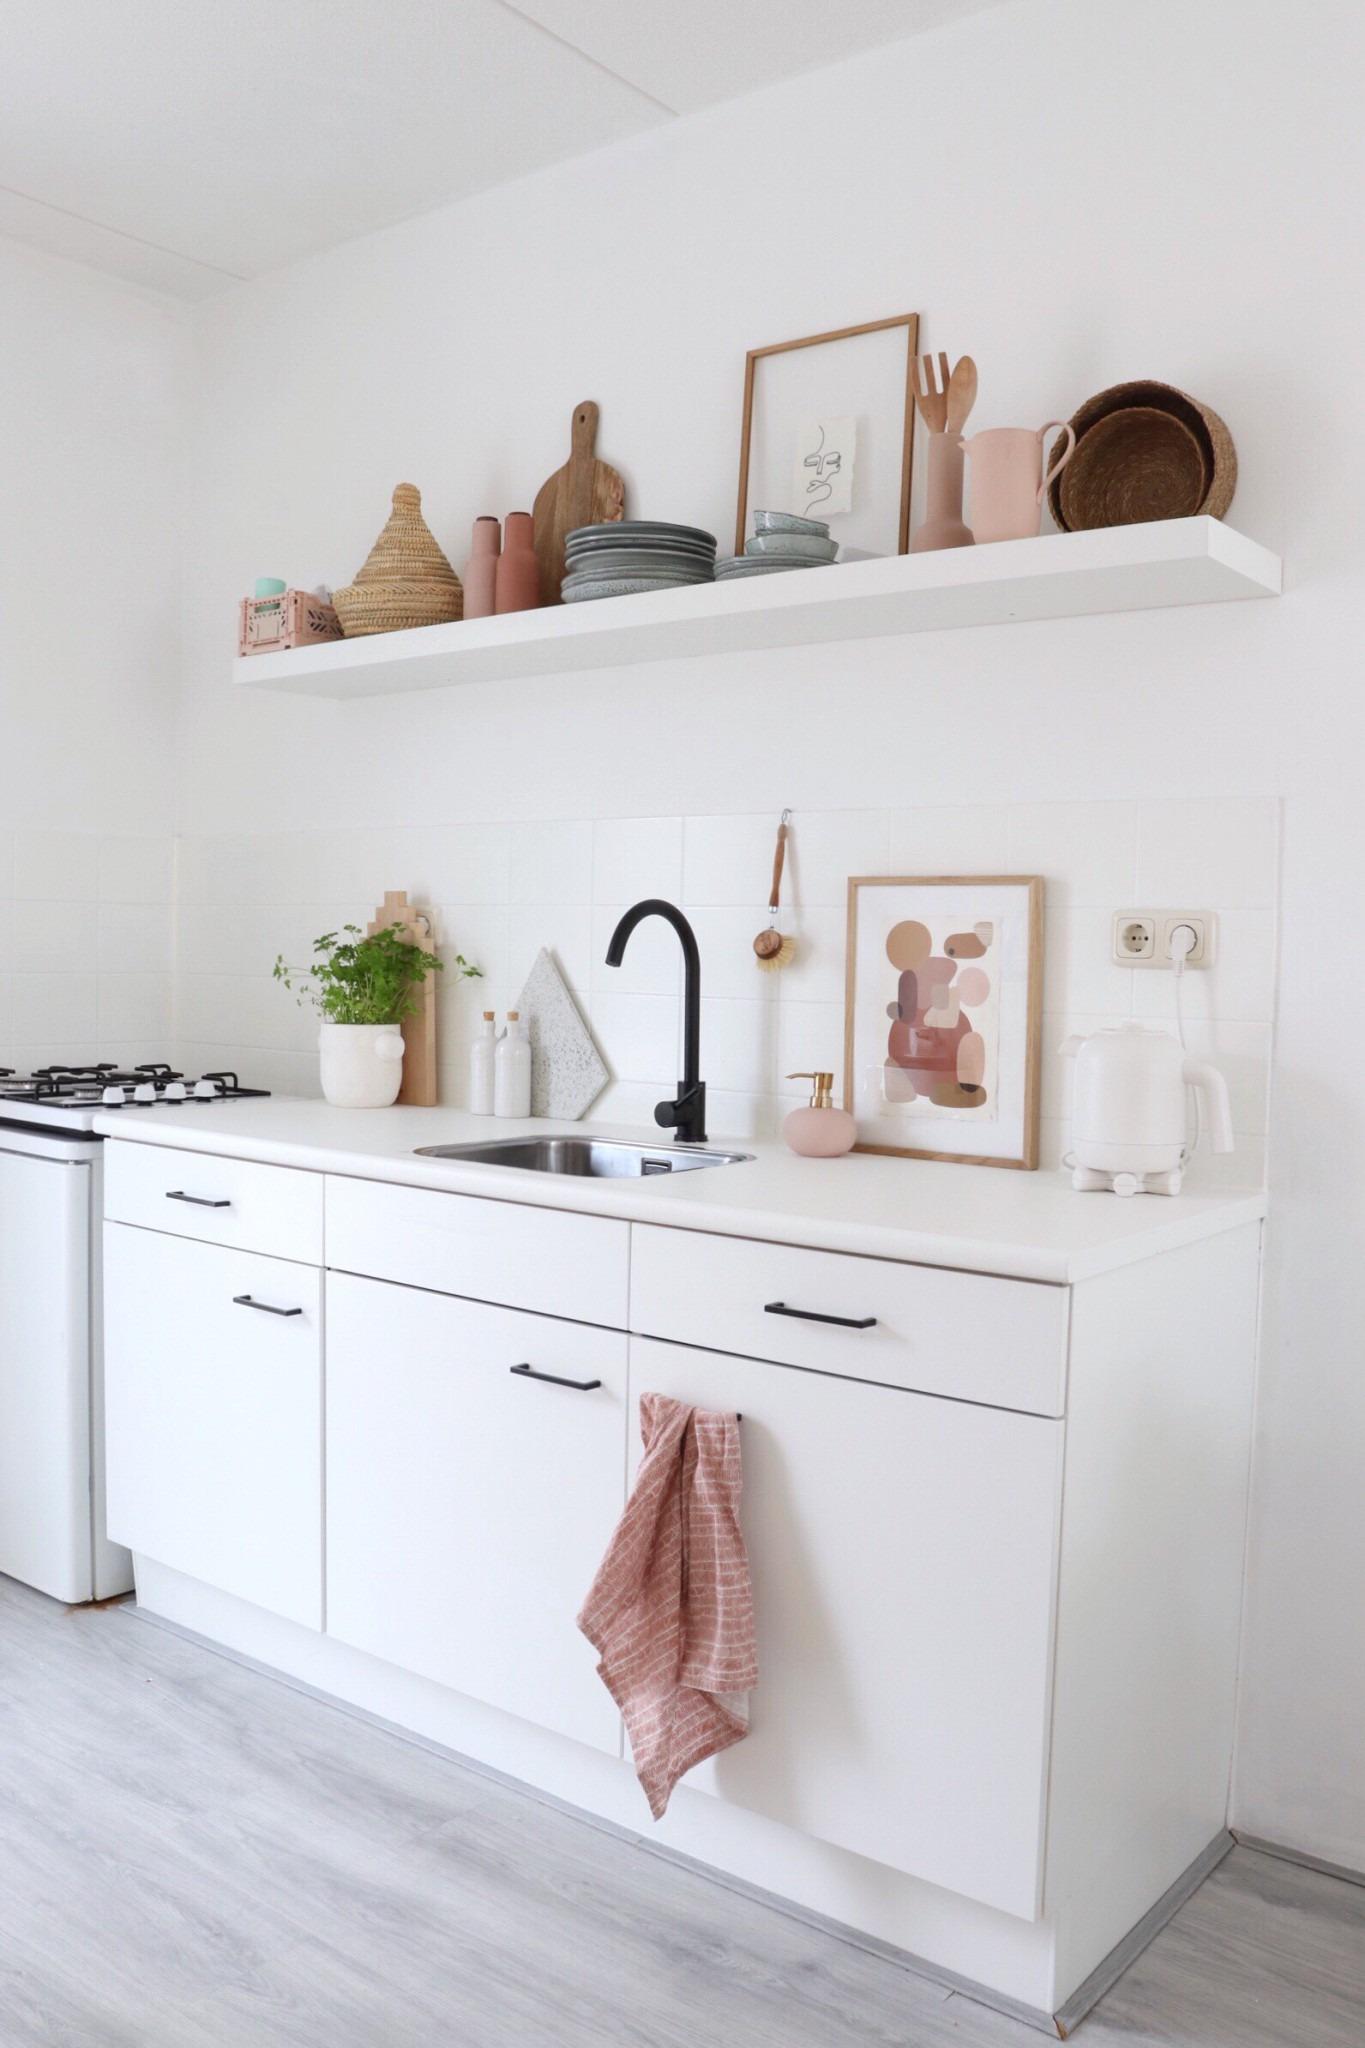 Witte keuken met zwarte en roze kleur accenten.